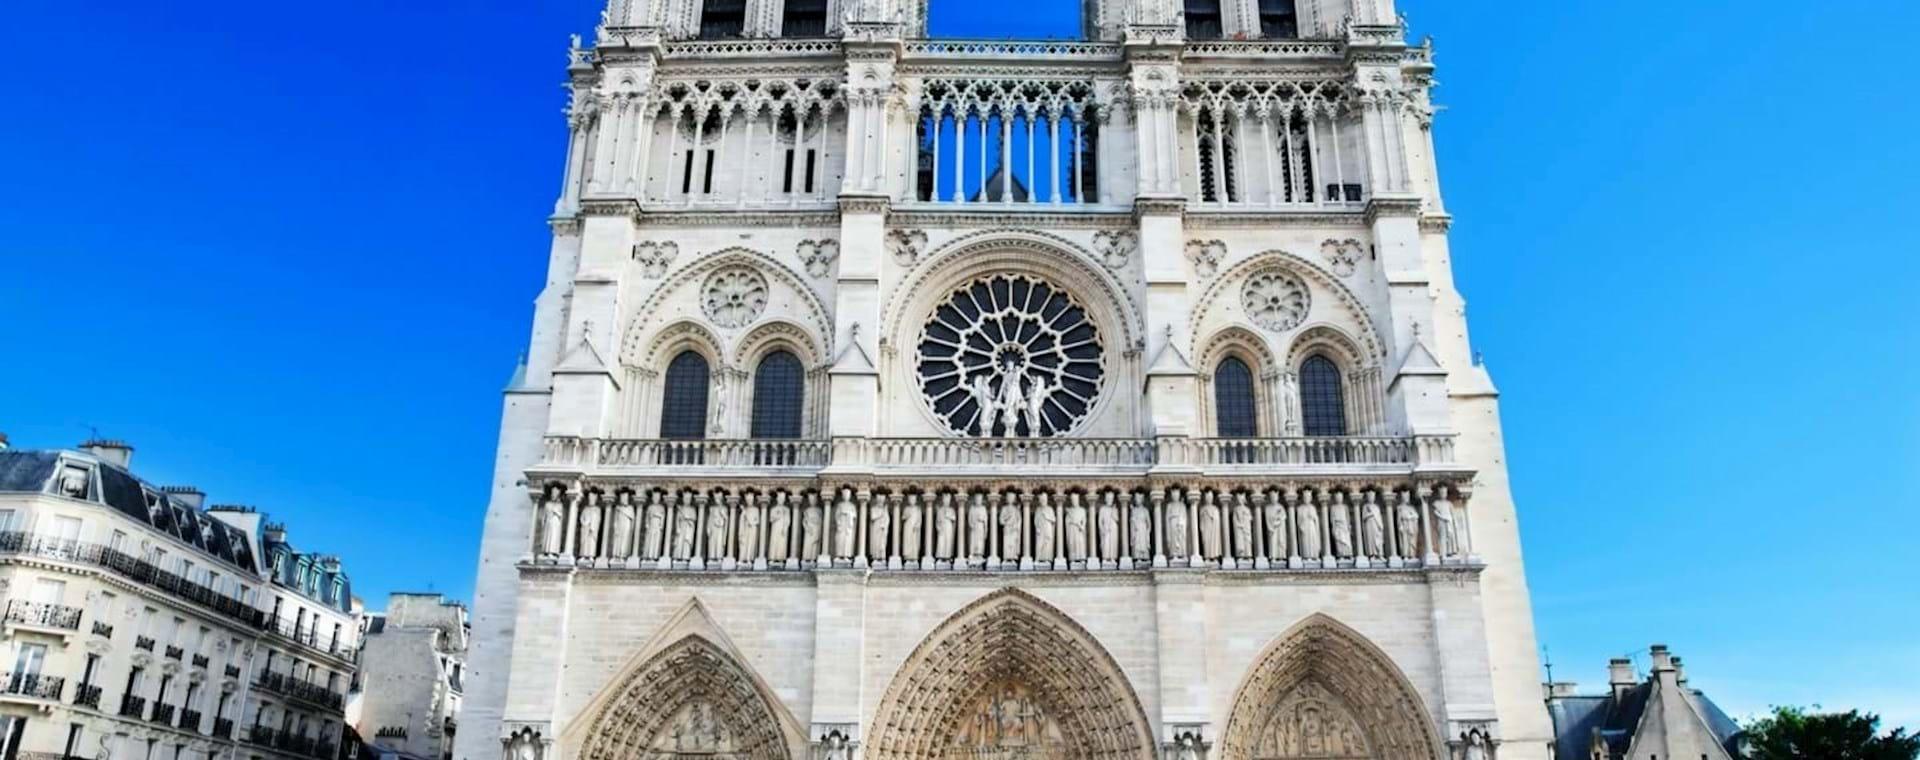 Tour de la Isla de Notre Dame y Paris Medieval